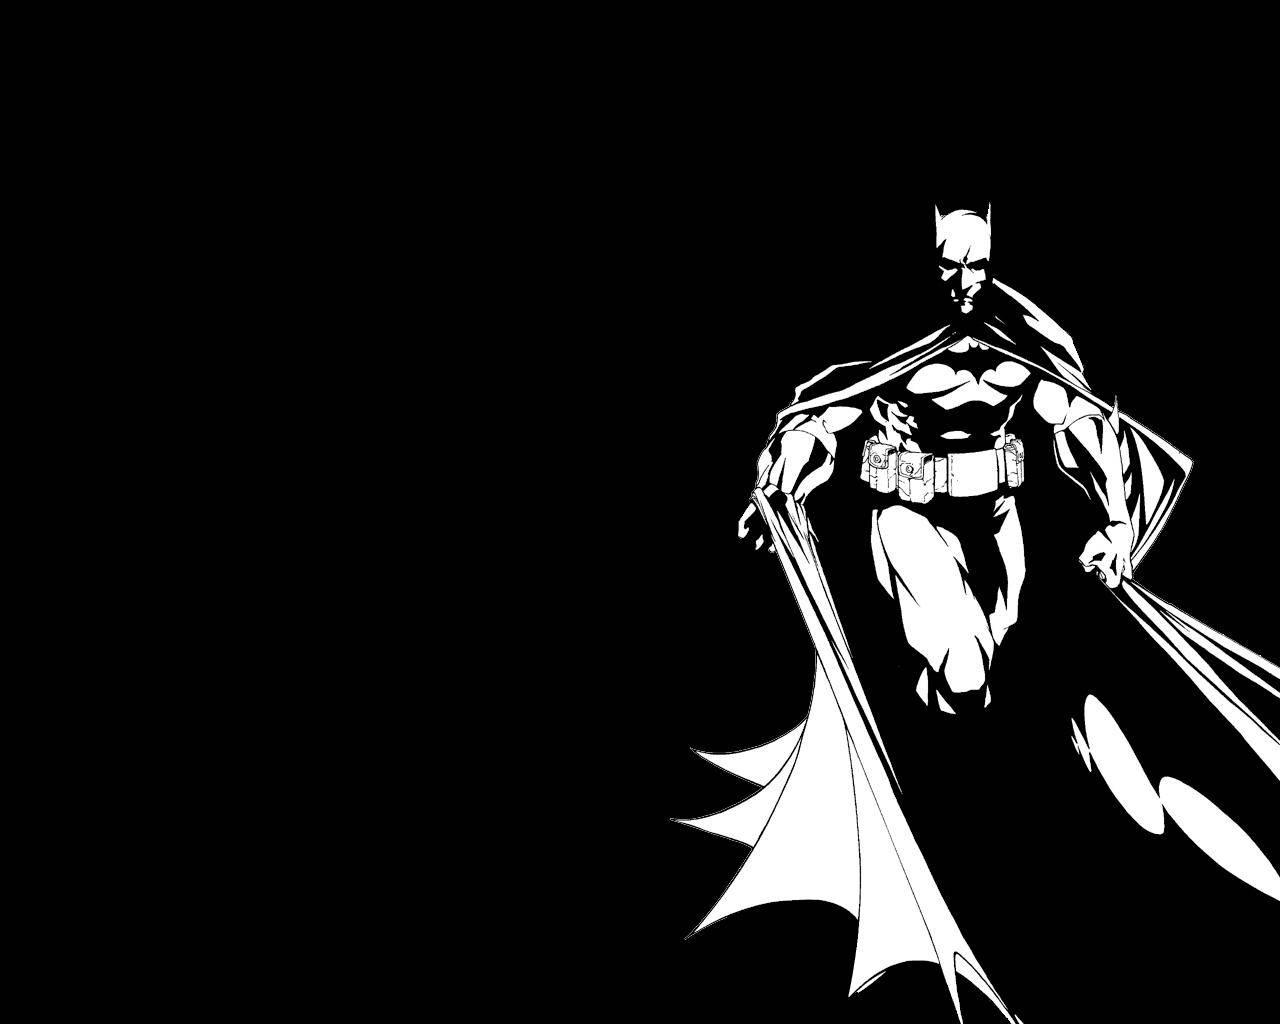 Batman wallpaper12 Batman desktop wallpaper 1280x1024